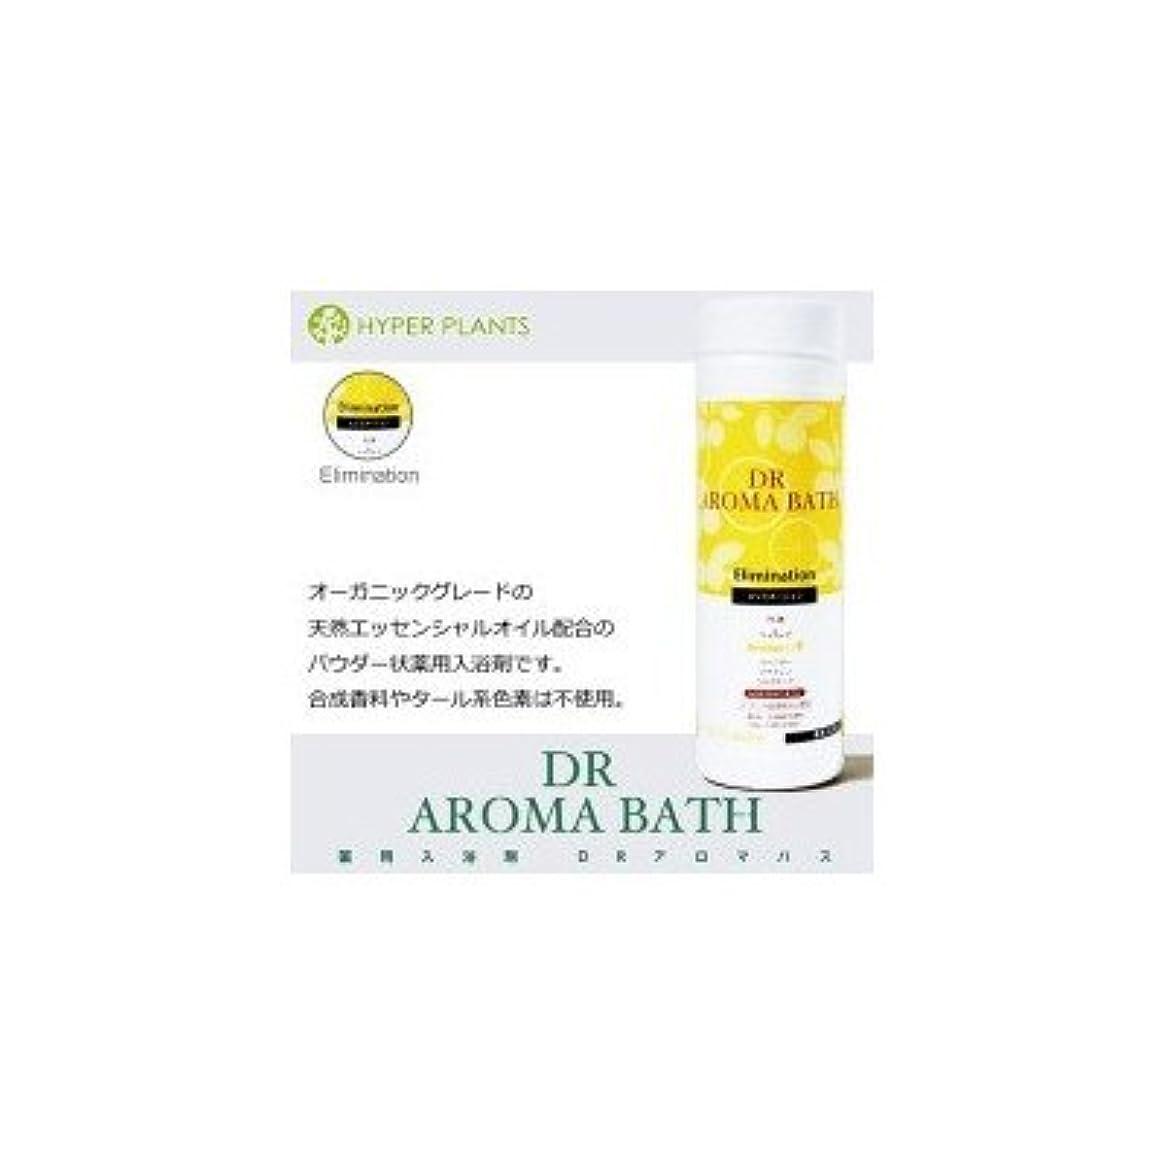 フリル咽頭医薬部外品 薬用入浴剤 ハイパープランツ(HYPER PLANTS) DRアロマバス エリミネーション 500g HNB006